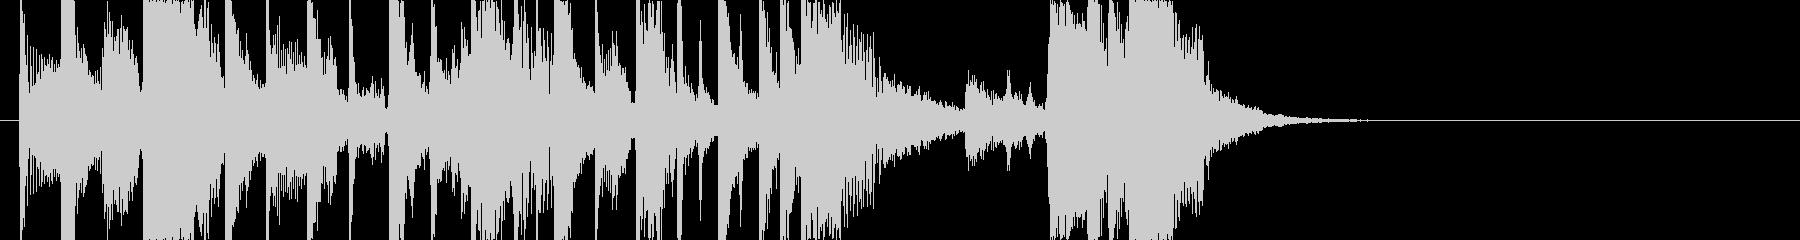 ファンクバンドのジングルの未再生の波形